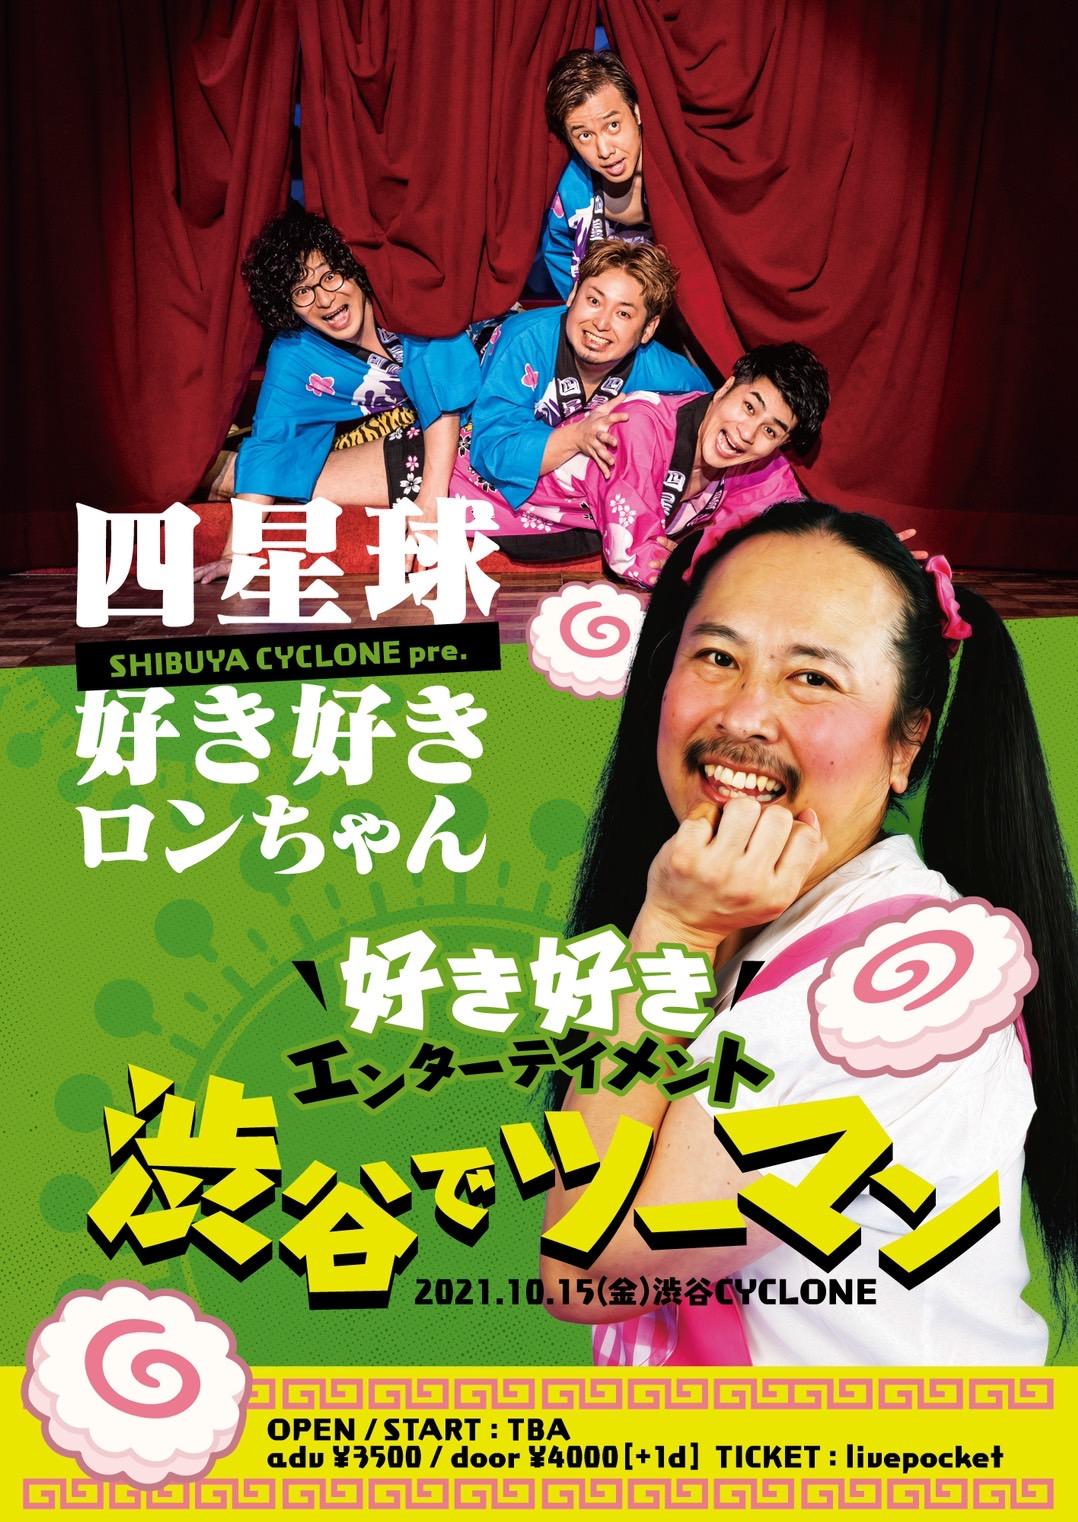 SHIBUYA CYCLONE pre. 好き好きエンターテイメント